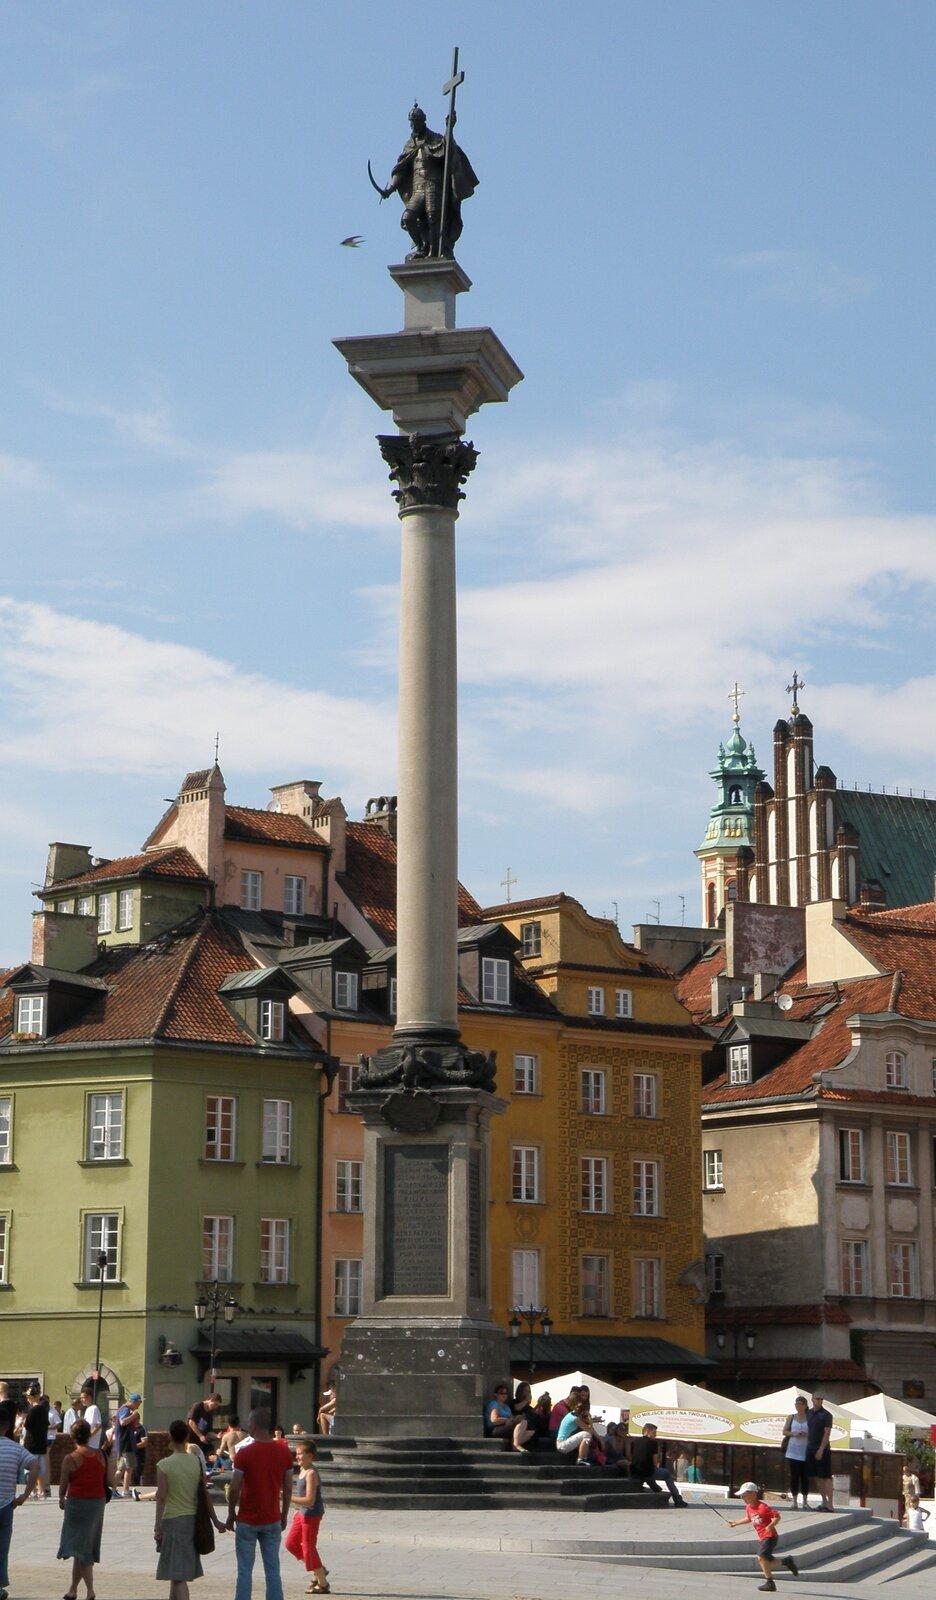 zdjęcie przedstawia wysoką kolumne zpomnikiem człowieka. Jest to kolumna Zygmunta wWarszawie